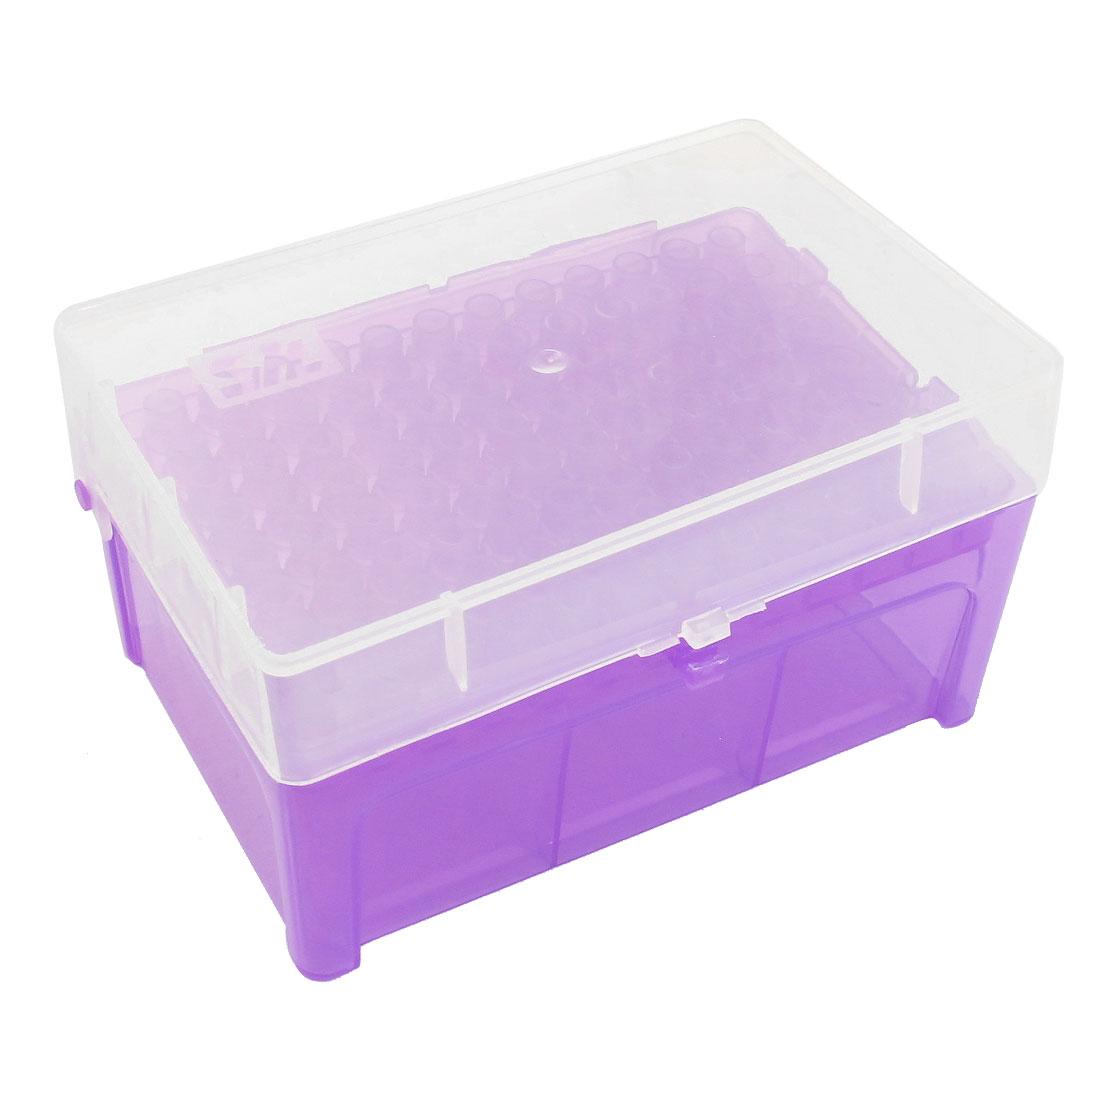 Laboratory 96 Positions 200uL Pipette Pipettor Tip Box Purple